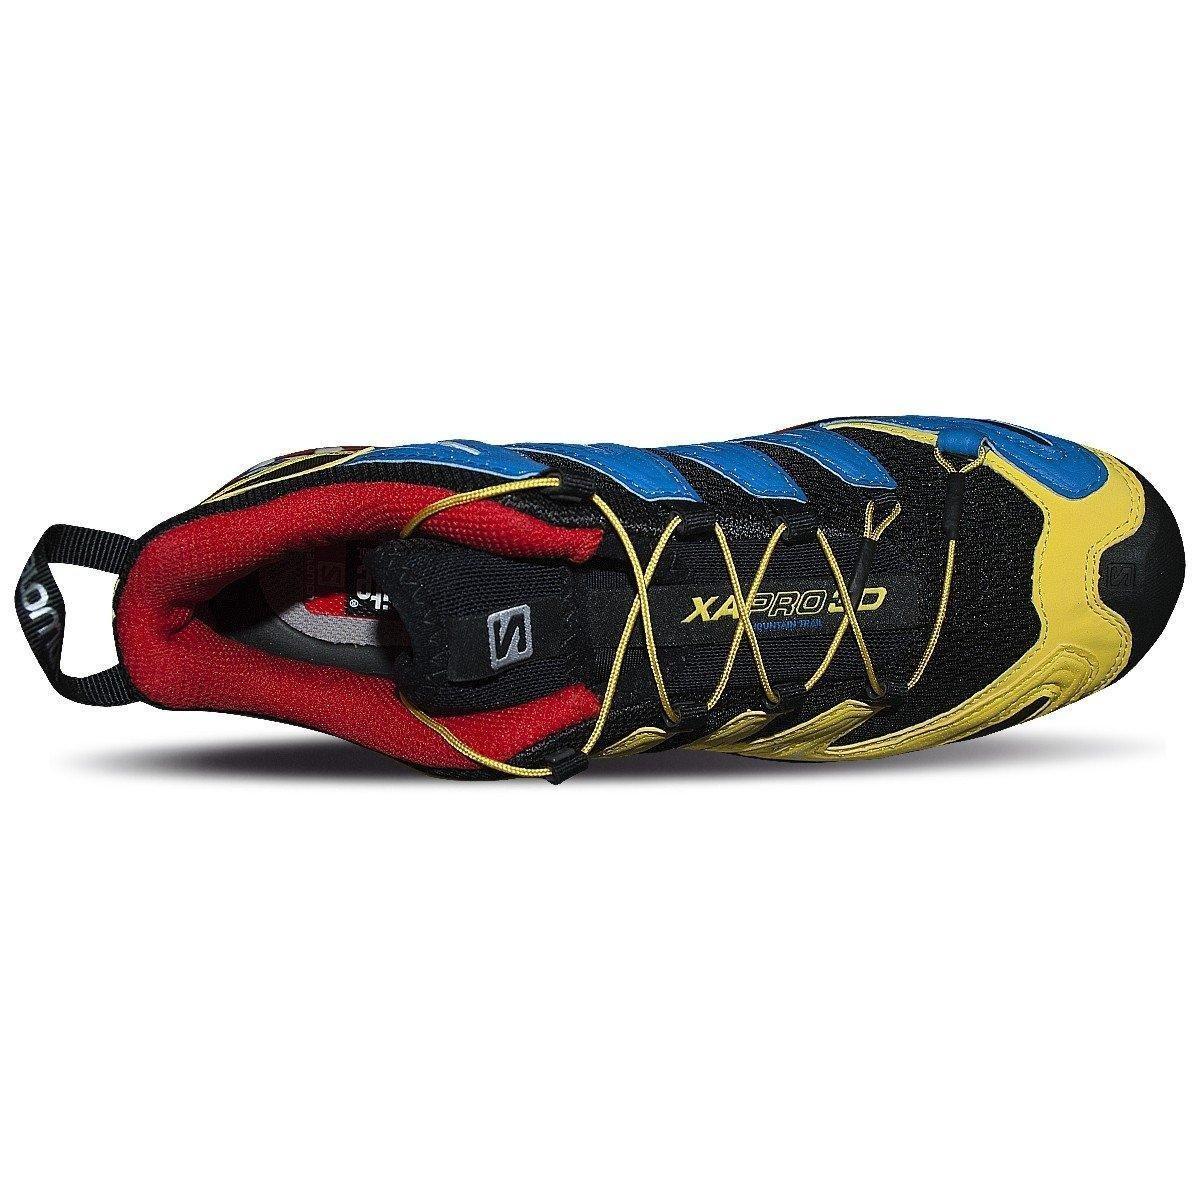 Preto Salomon Pro 3D Amarelo e Preto XA XA Tênis Pro 3D Amarelo Salomon Tênis e pUw4SCqU